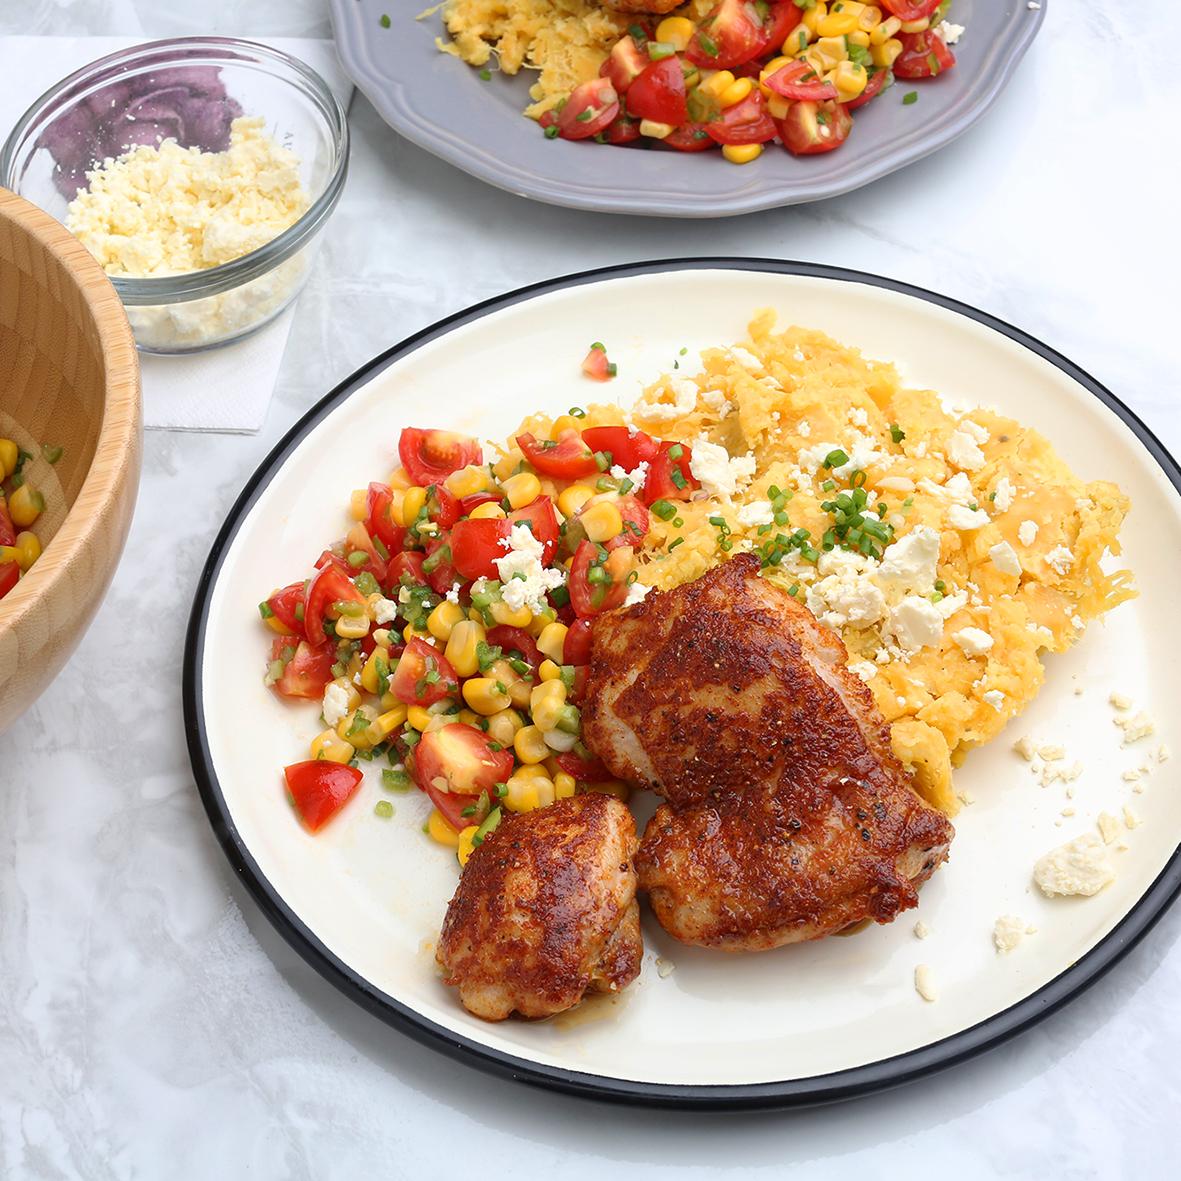 케이준 치킨과 콘살사